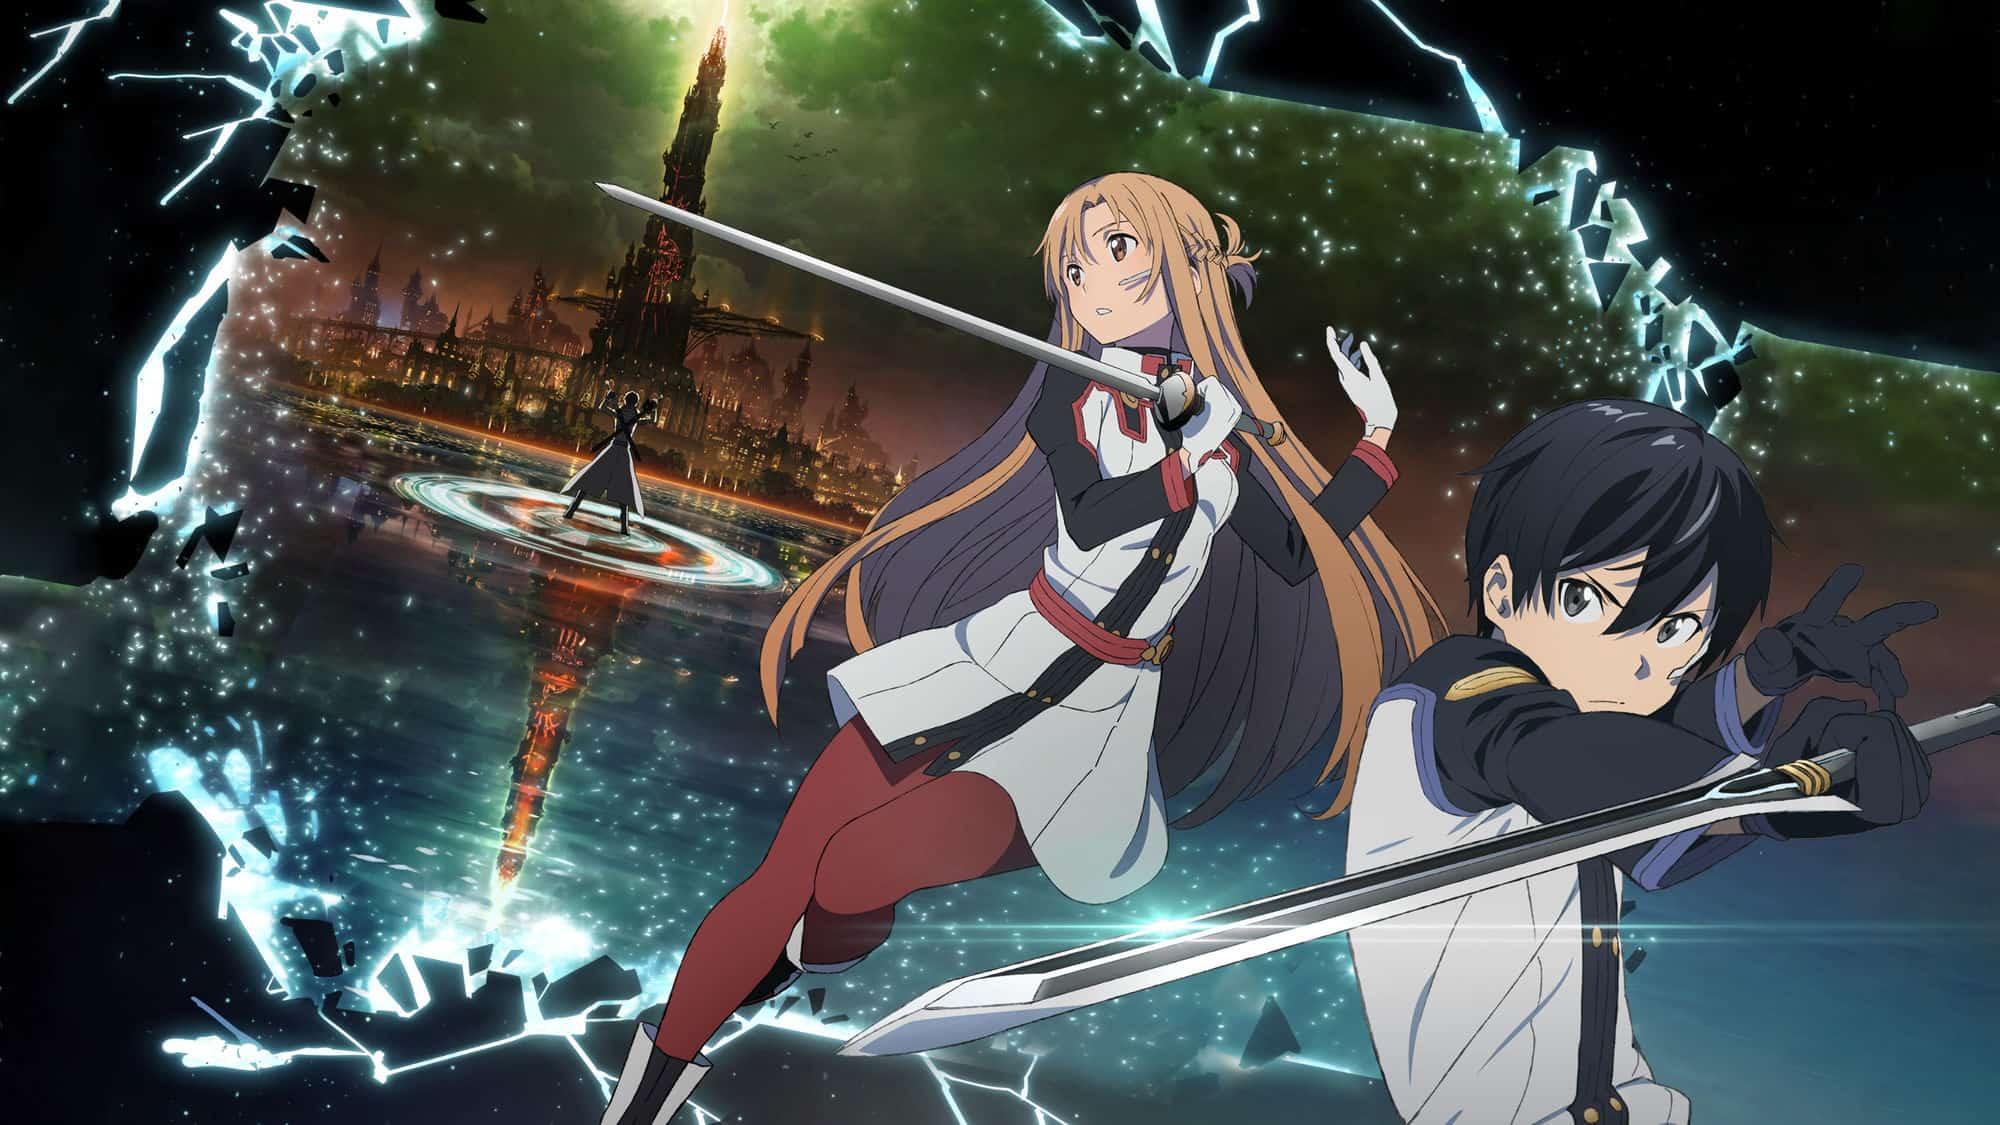 Hình Kirito cùng Asuna chiến đấu bên nhau